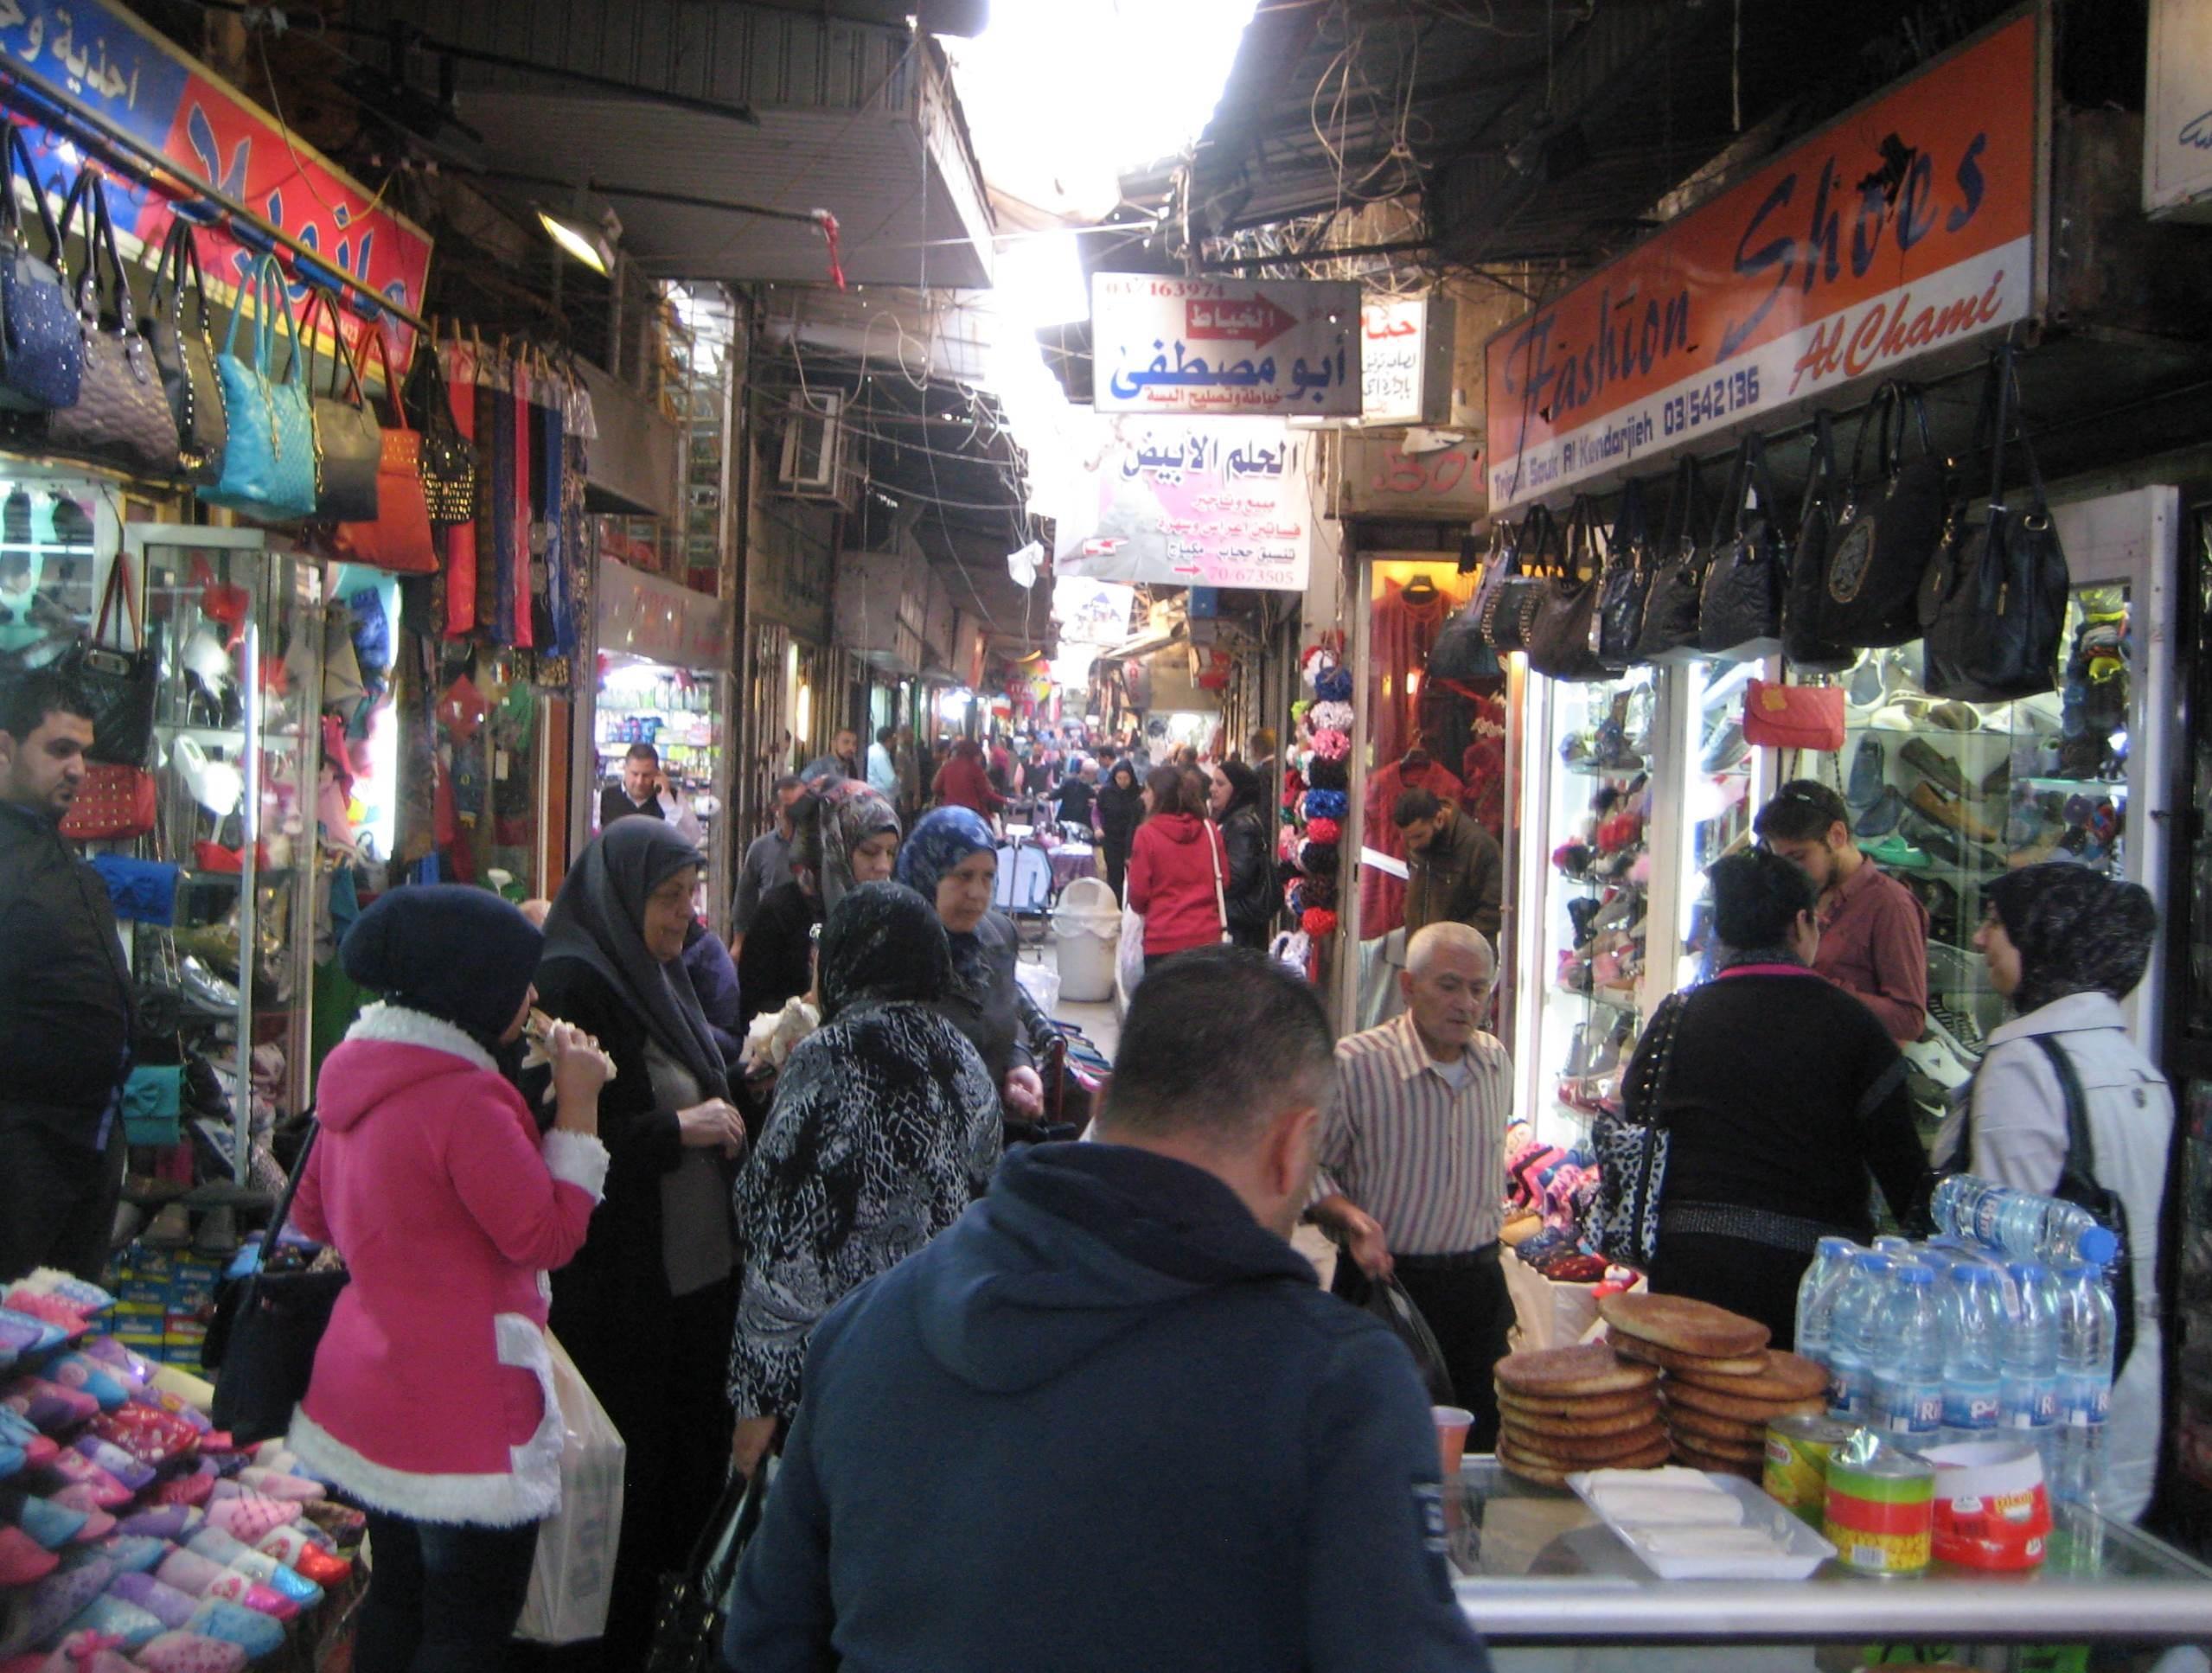 سوق البازركان: من أحياء طرابلس القديمة